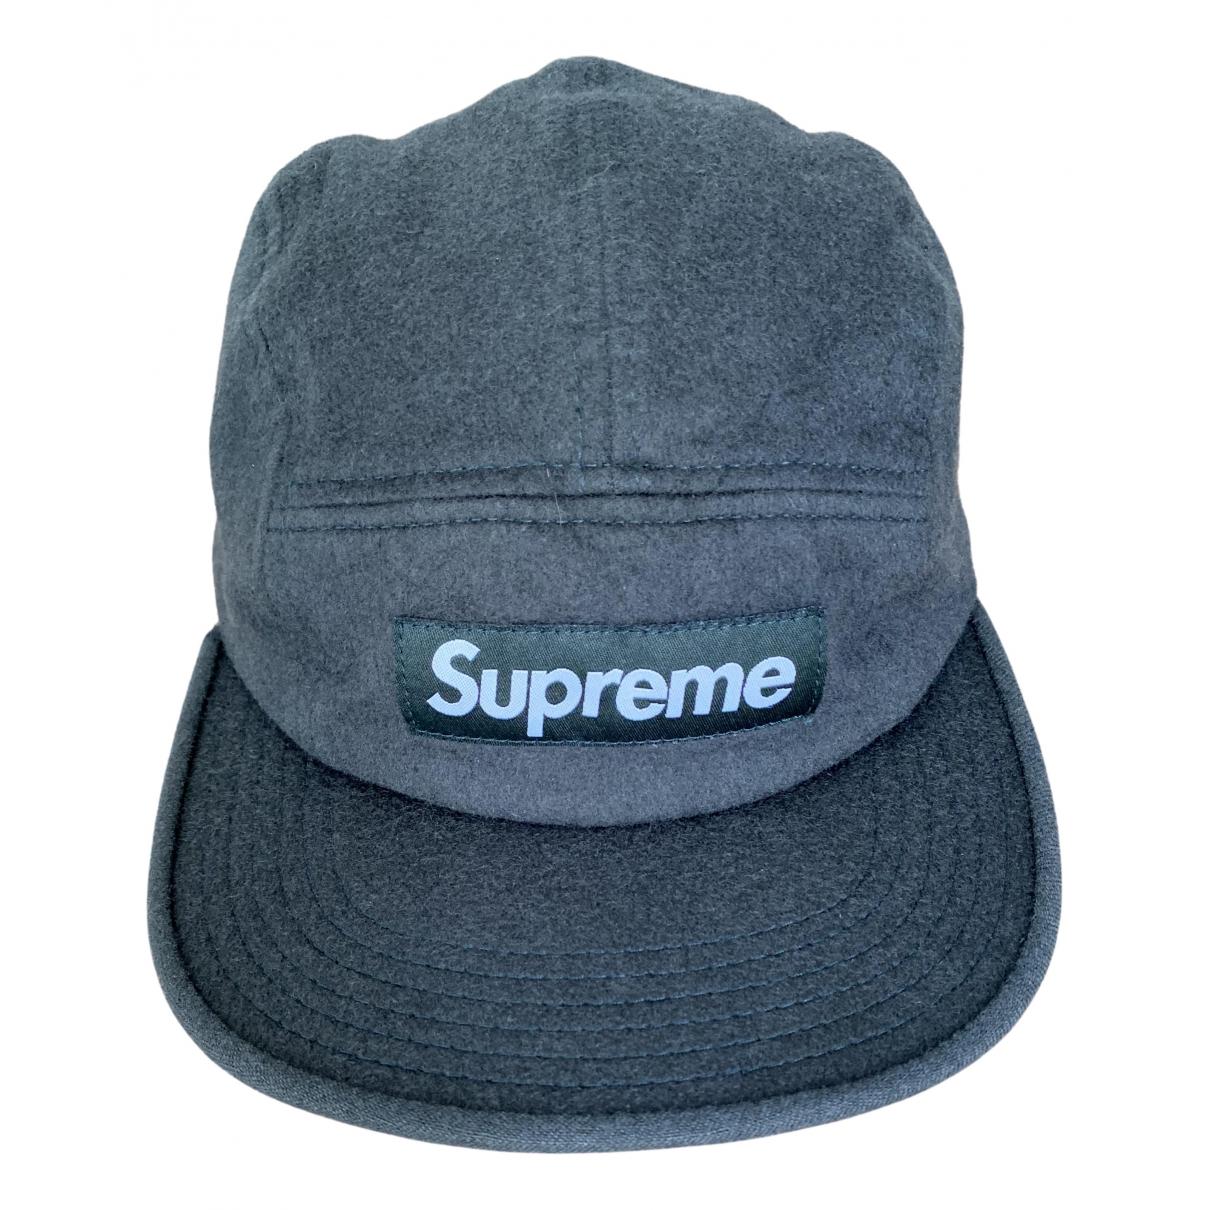 Supreme \N Hut, Muetzen in  Gruen Wolle